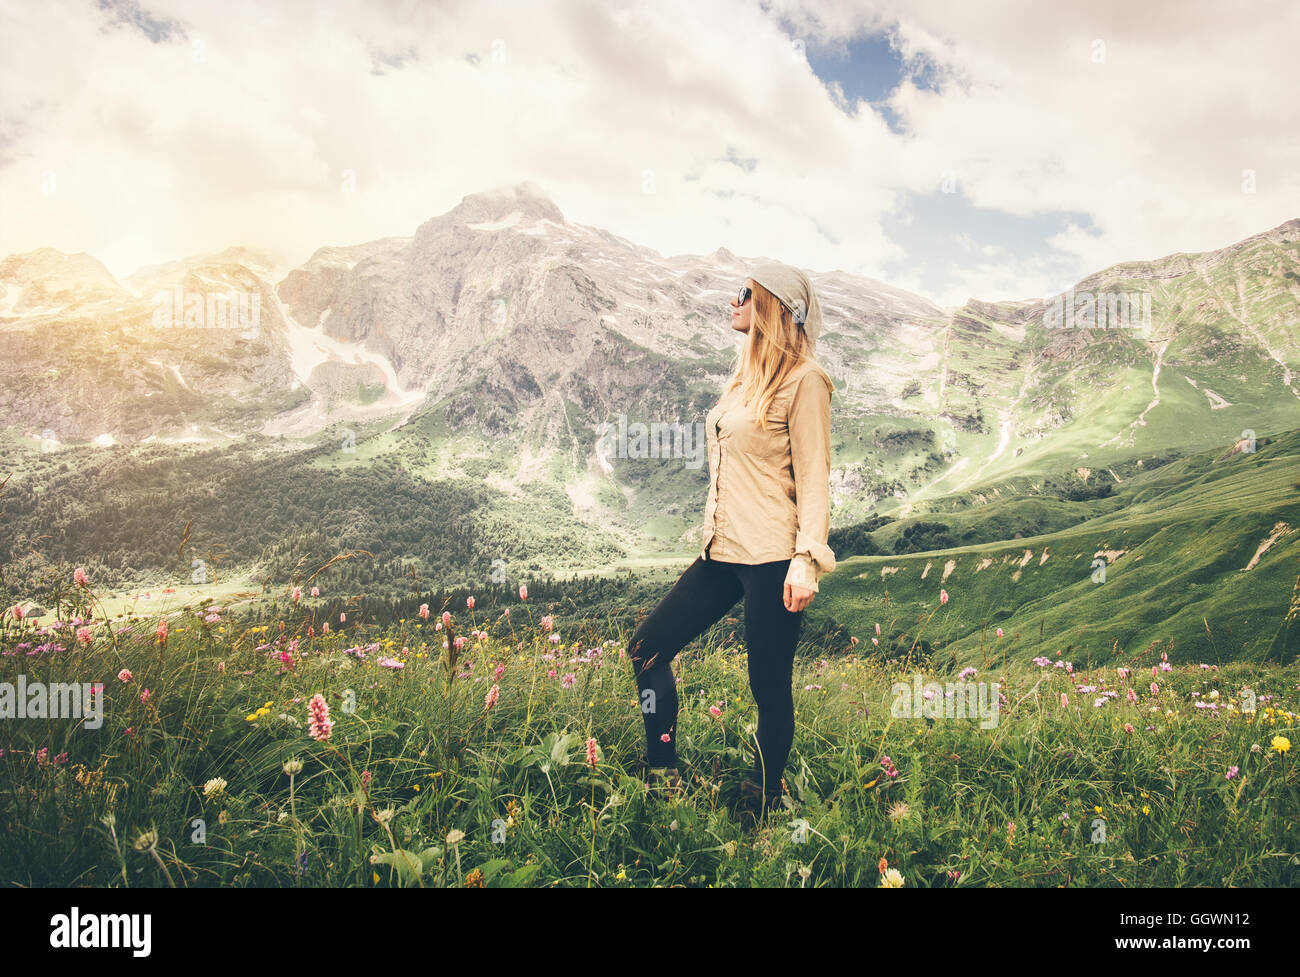 Mujer joven caminar concepto Lifestyle Viajes Vacaciones de verano al aire libre en las montañas rocosas de Imagen De Stock